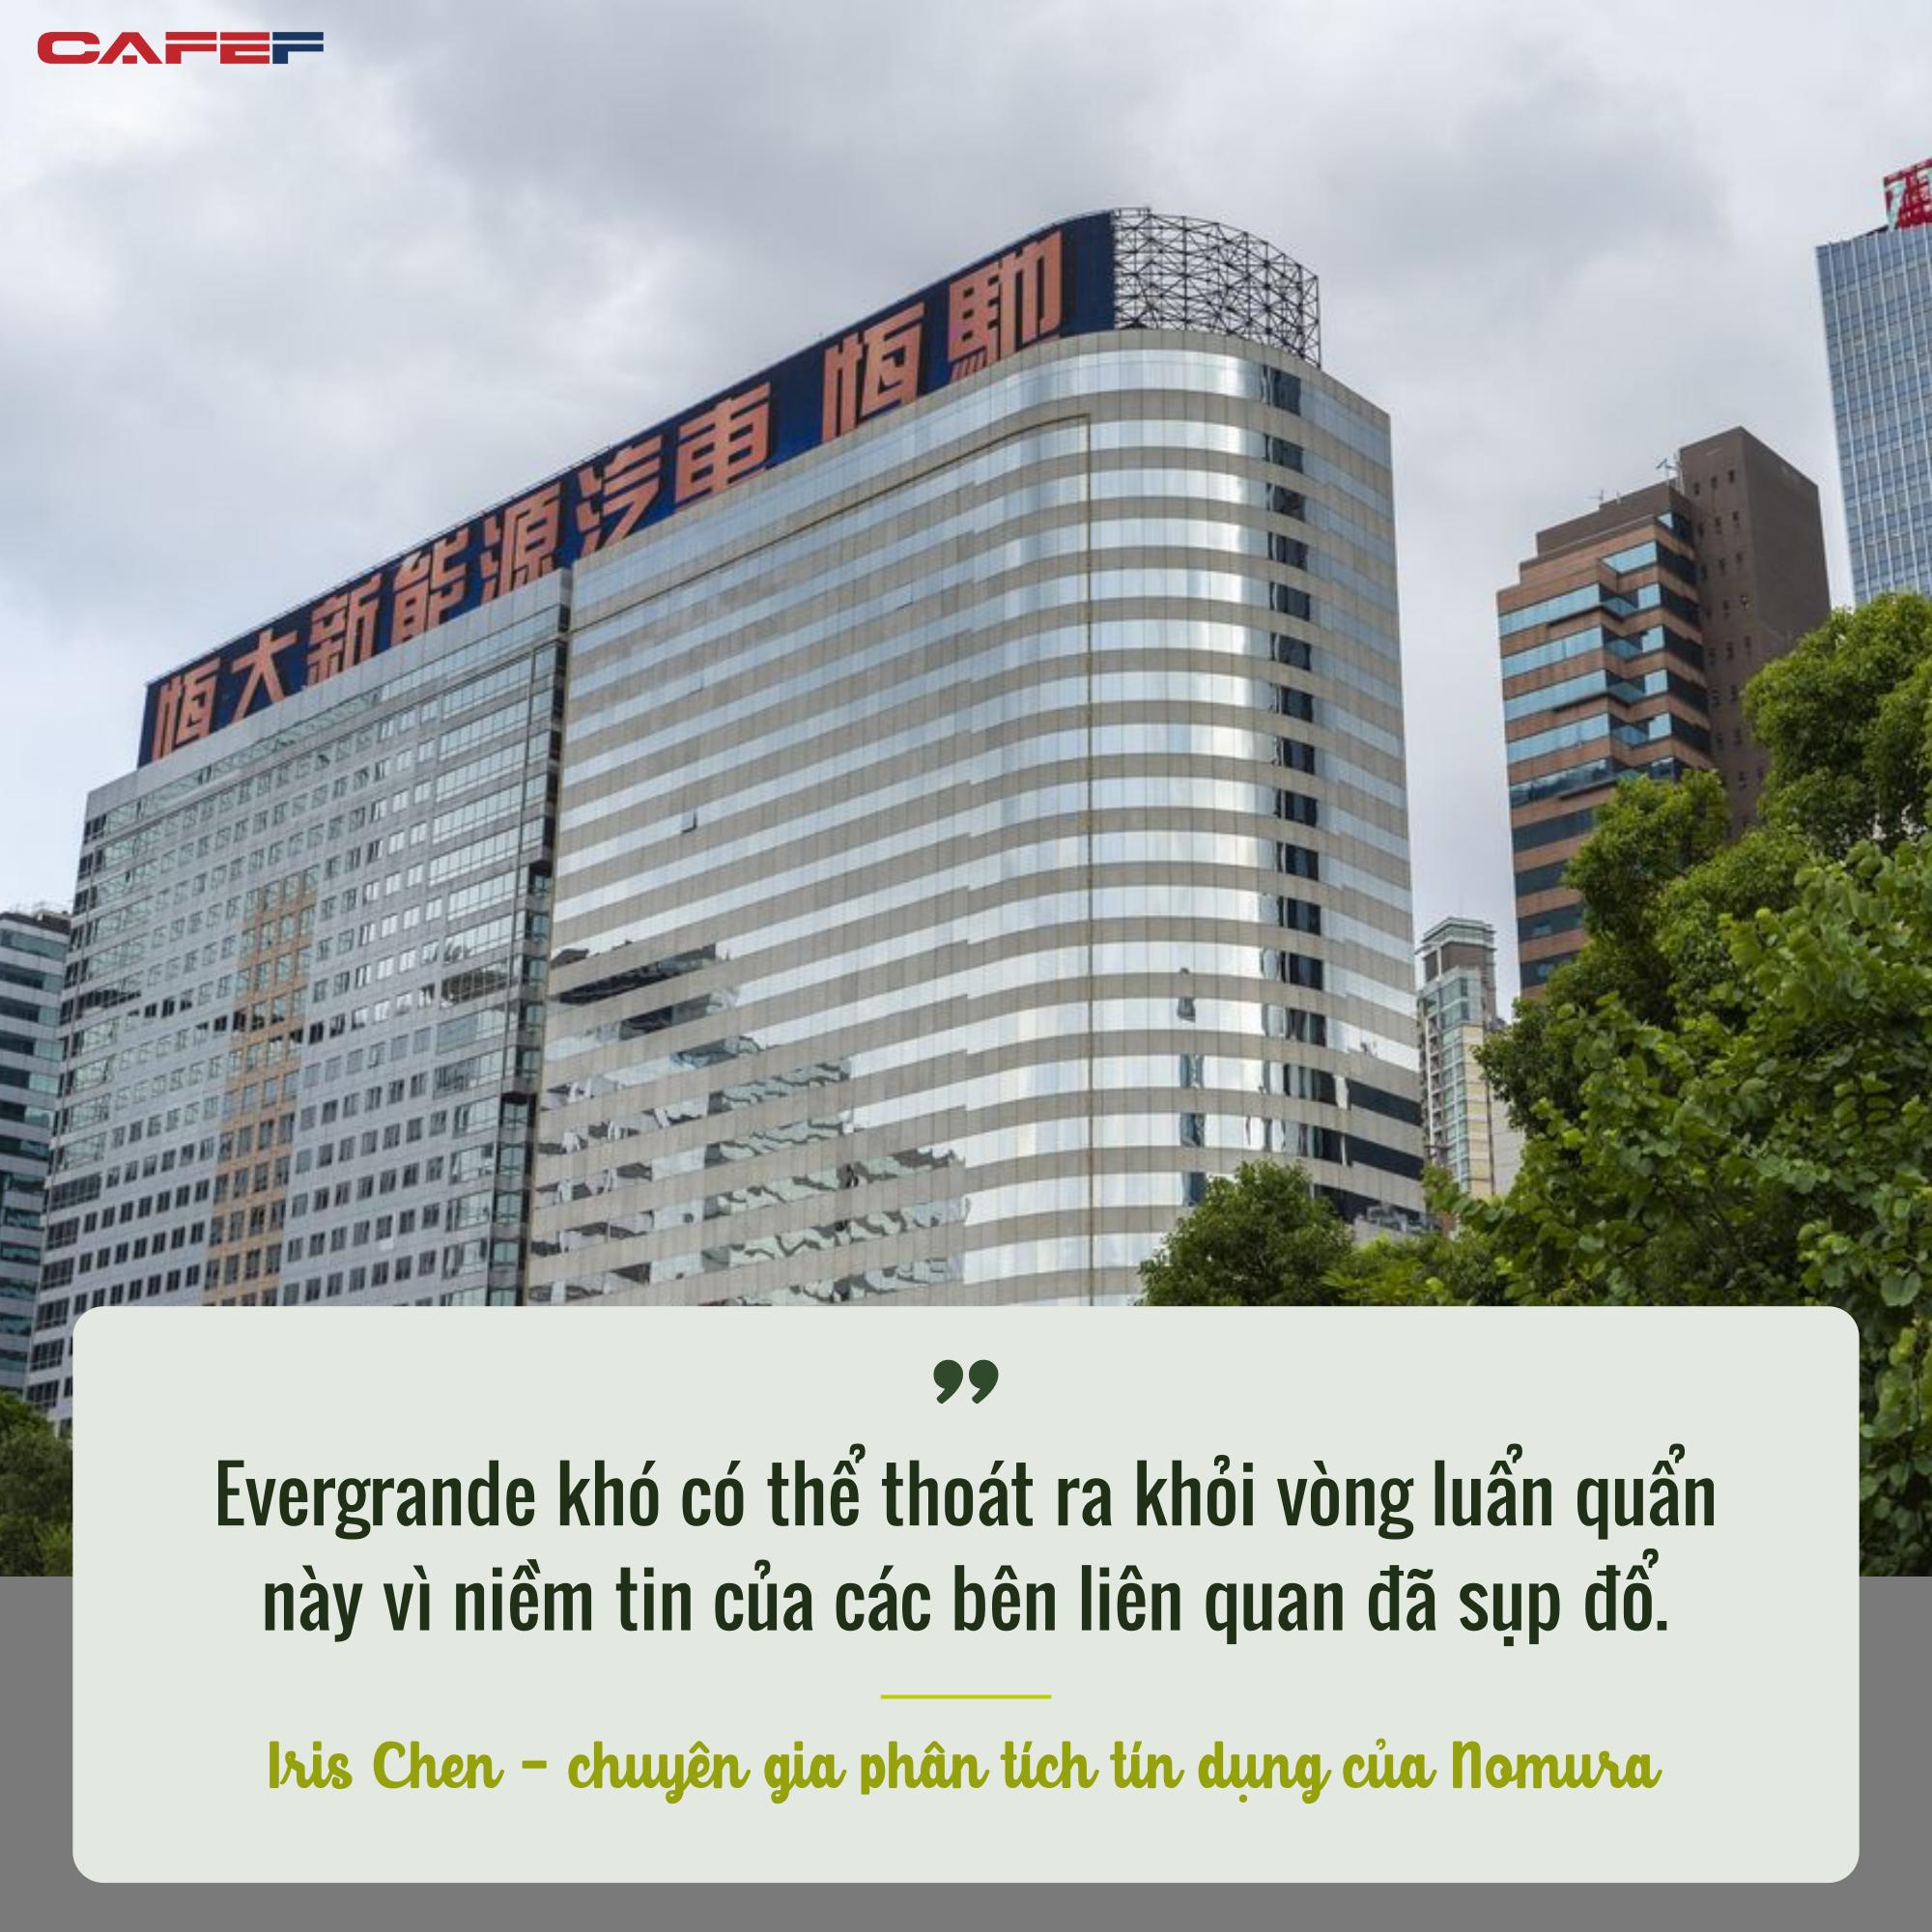 Từng là đế chế bất động sản lớn mạnh nhất thế giới, công ty này đang trở thành nỗi đau đầu kinh hoàng của Trung Quốc  - Ảnh 2.